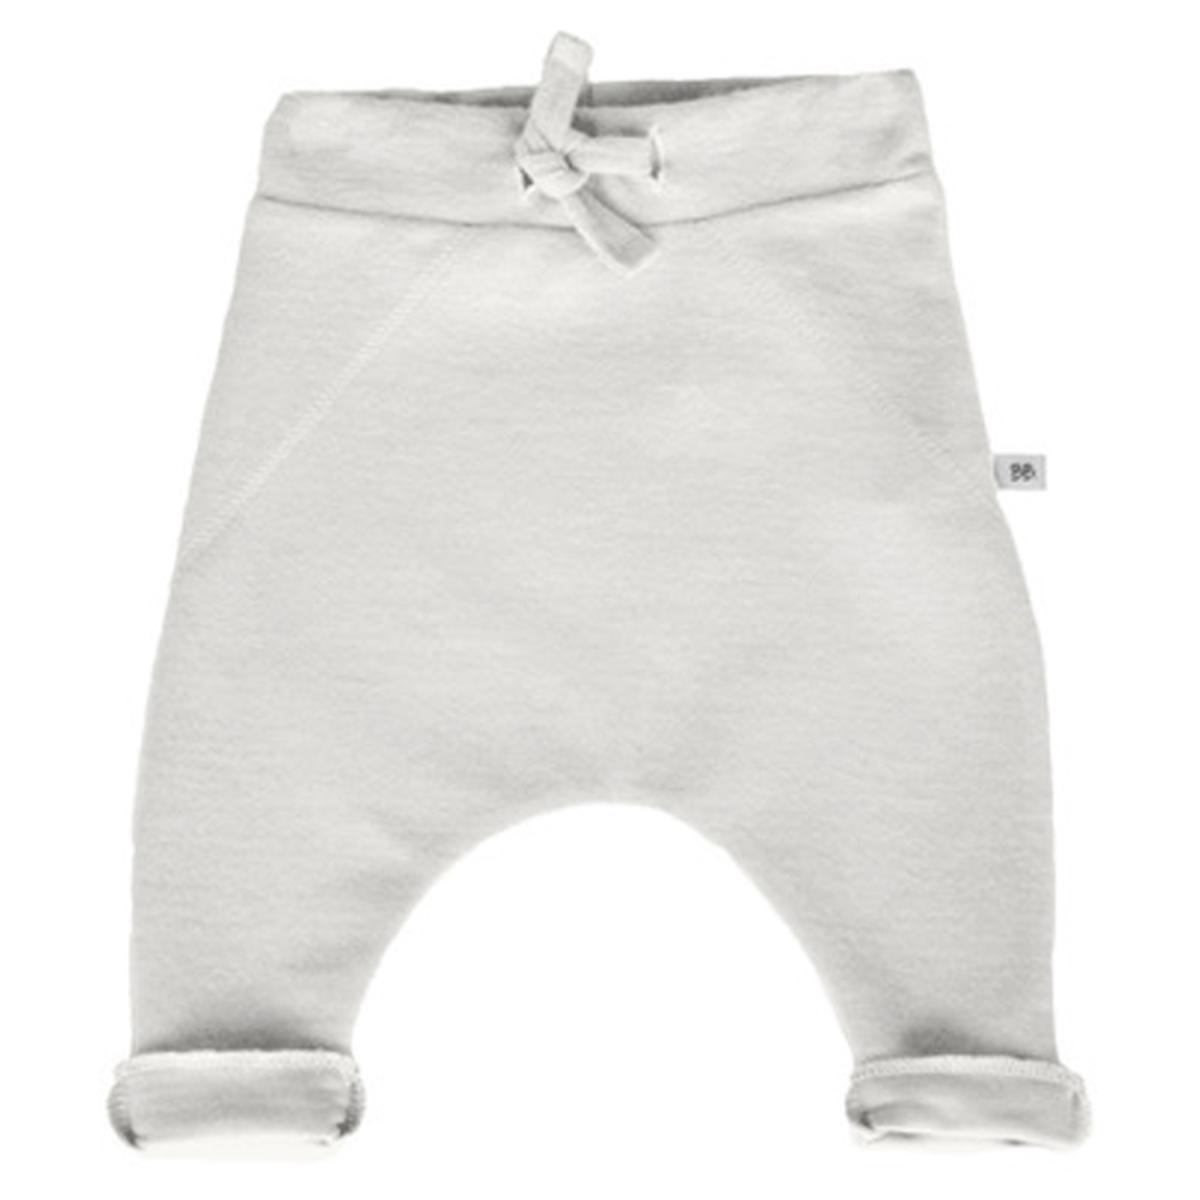 Bas bébé Jogging Blanc - 6 Mois Jogging Blanc - 6 Mois